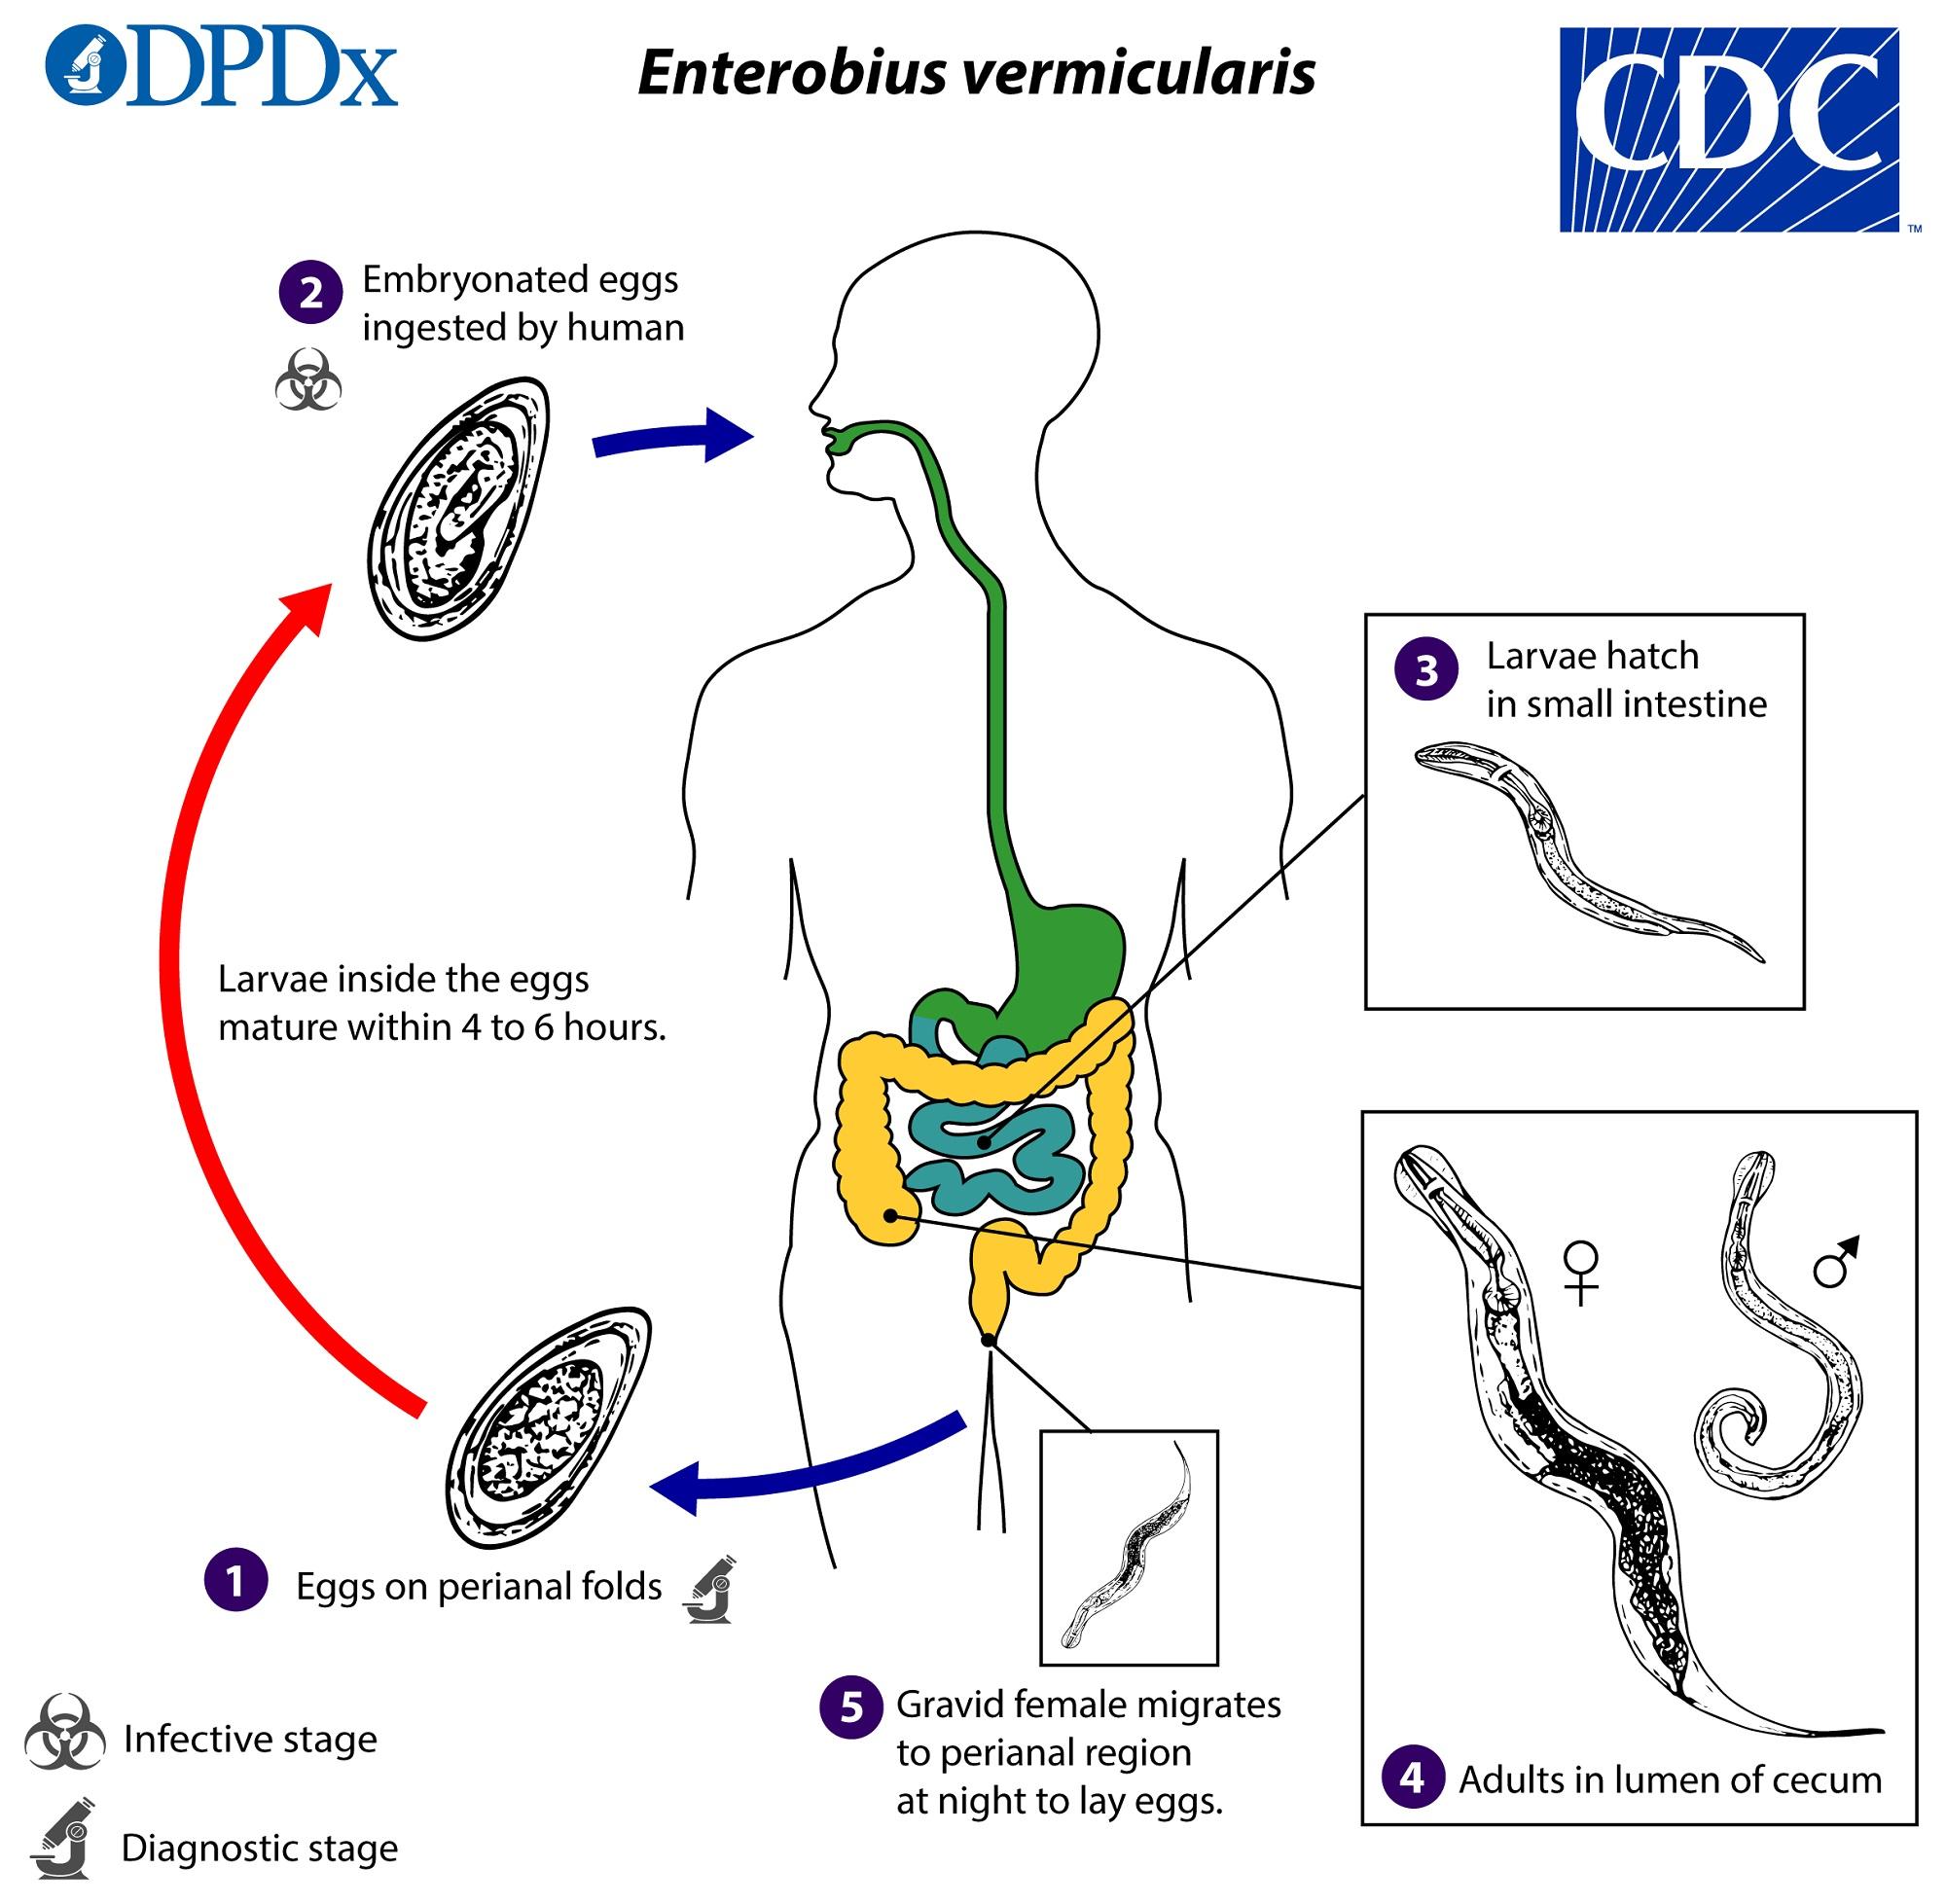 Életciklus-elemzés, A pinworm életciklusa röviden - A pinworm életciklusa